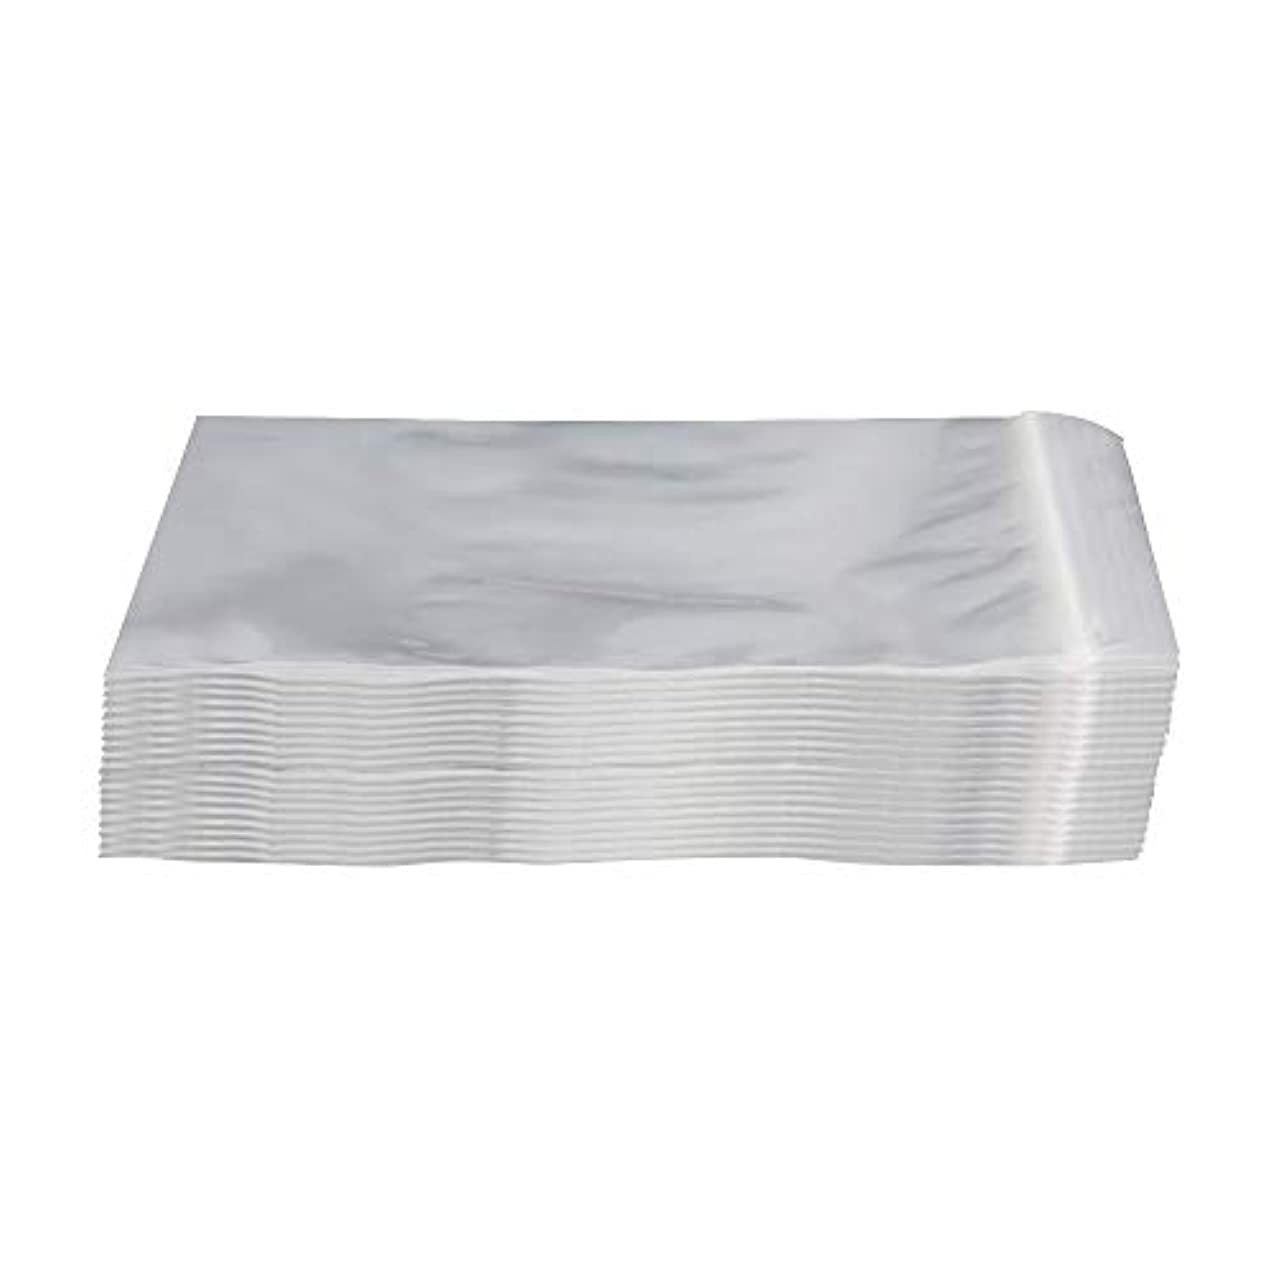 ラジウムホイッスルひどく200枚セット 保存用ポリ袋 小分け袋 小わざ袋チャック付きポリ袋